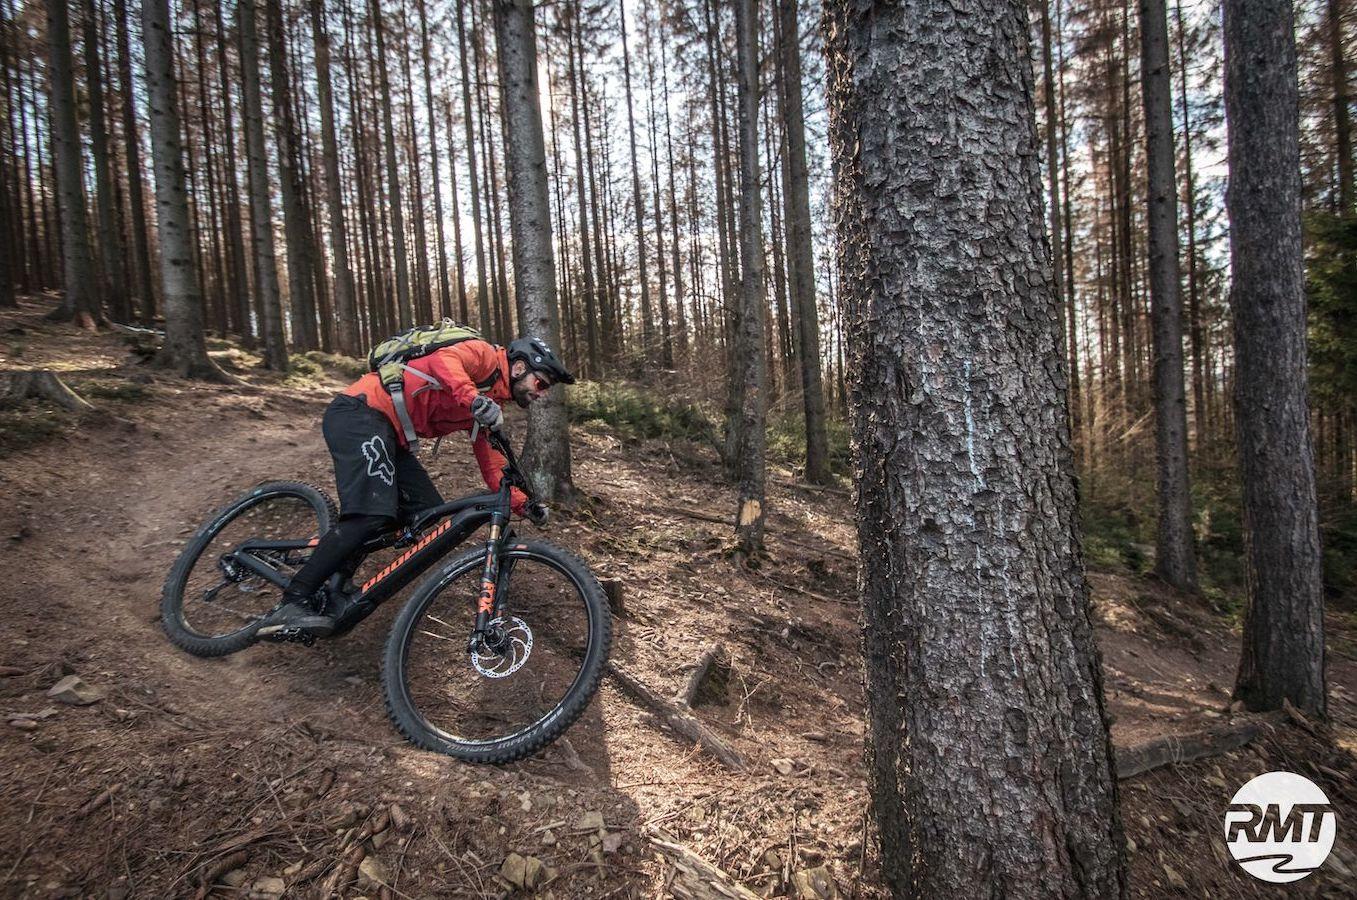 MTB Fahrtechnik Kurs Fortgeschrittene in Berlin - Hauptstadt - Mountainbike Fortgeschritten - Rock my Trail Bikeschule GmbH - 15